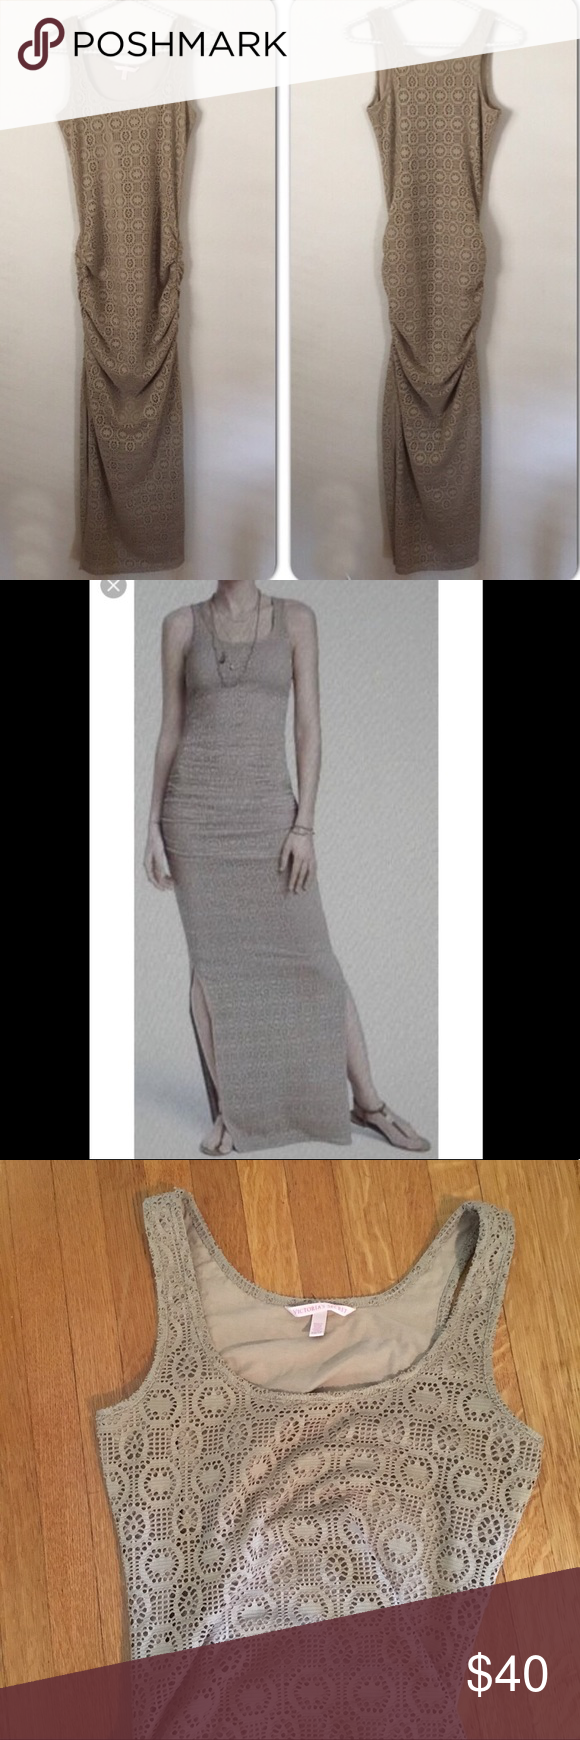 Vs Victoria S Secret Maxi Dress Maxi Tank Dress Victoria Secret Dress Secret Dress [ 1740 x 580 Pixel ]